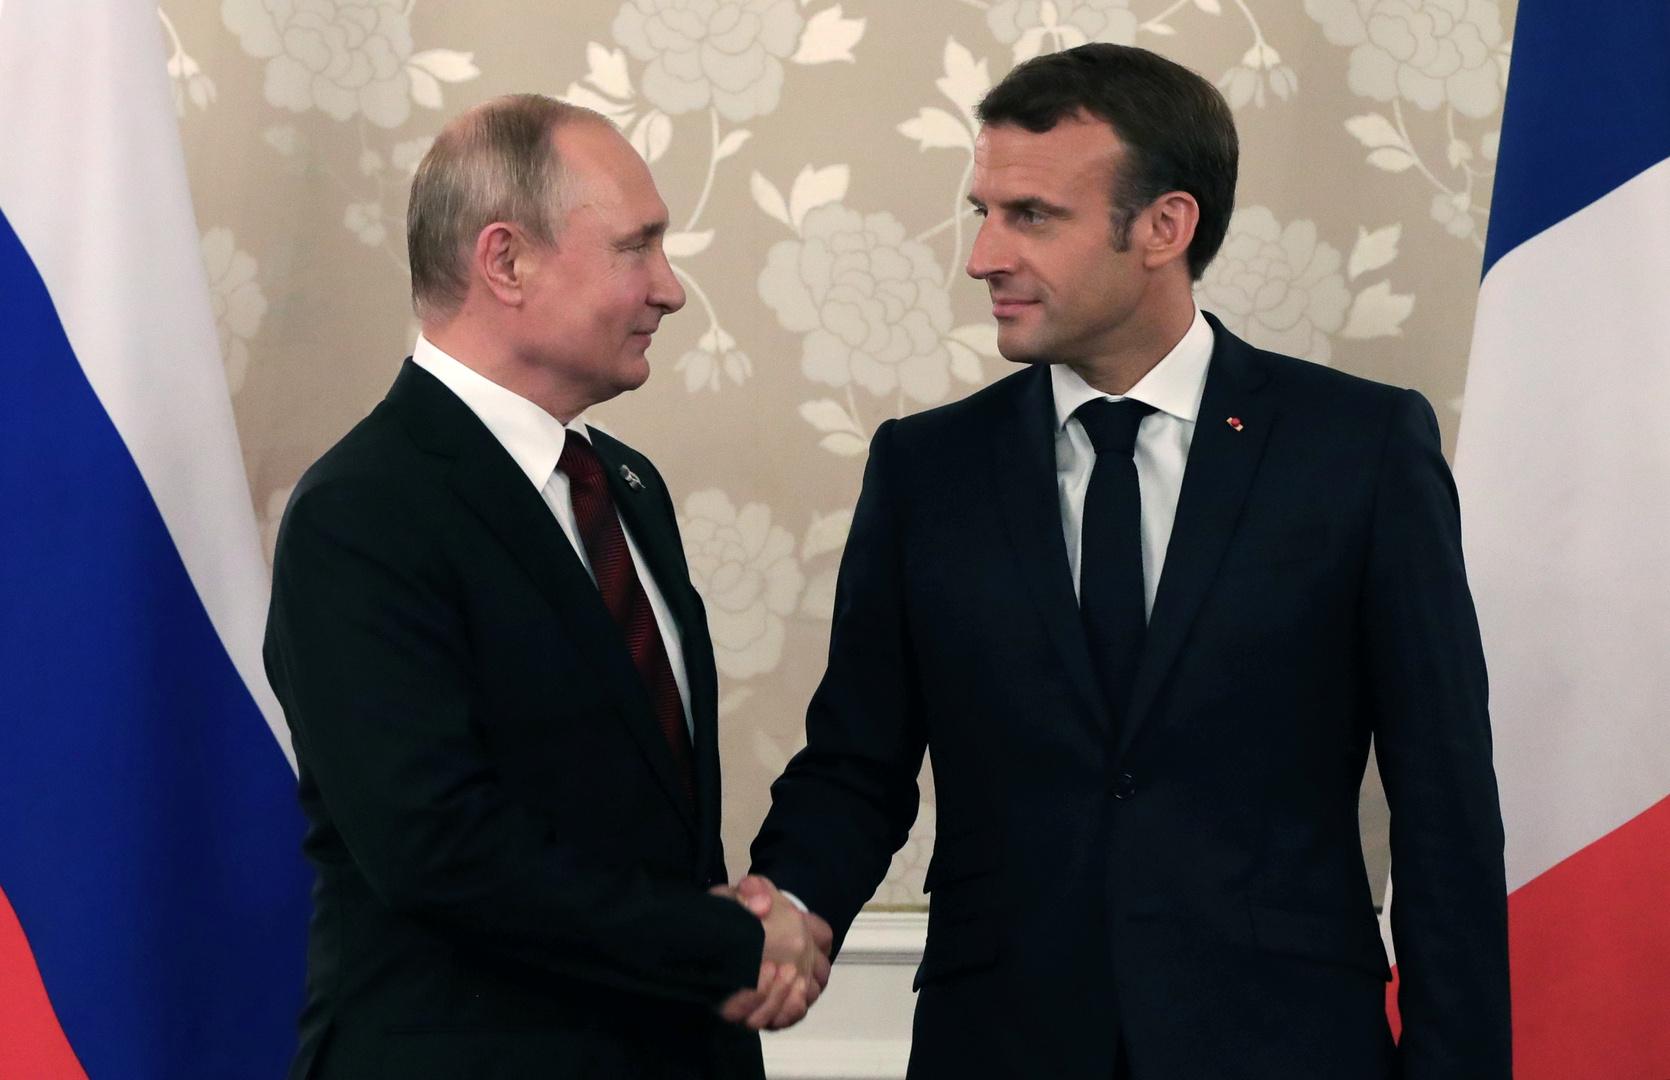 الرئيس الروسي فلاديمير بوتين ونظيره الفرنسي إيمانويل ماكرون - أرشيف